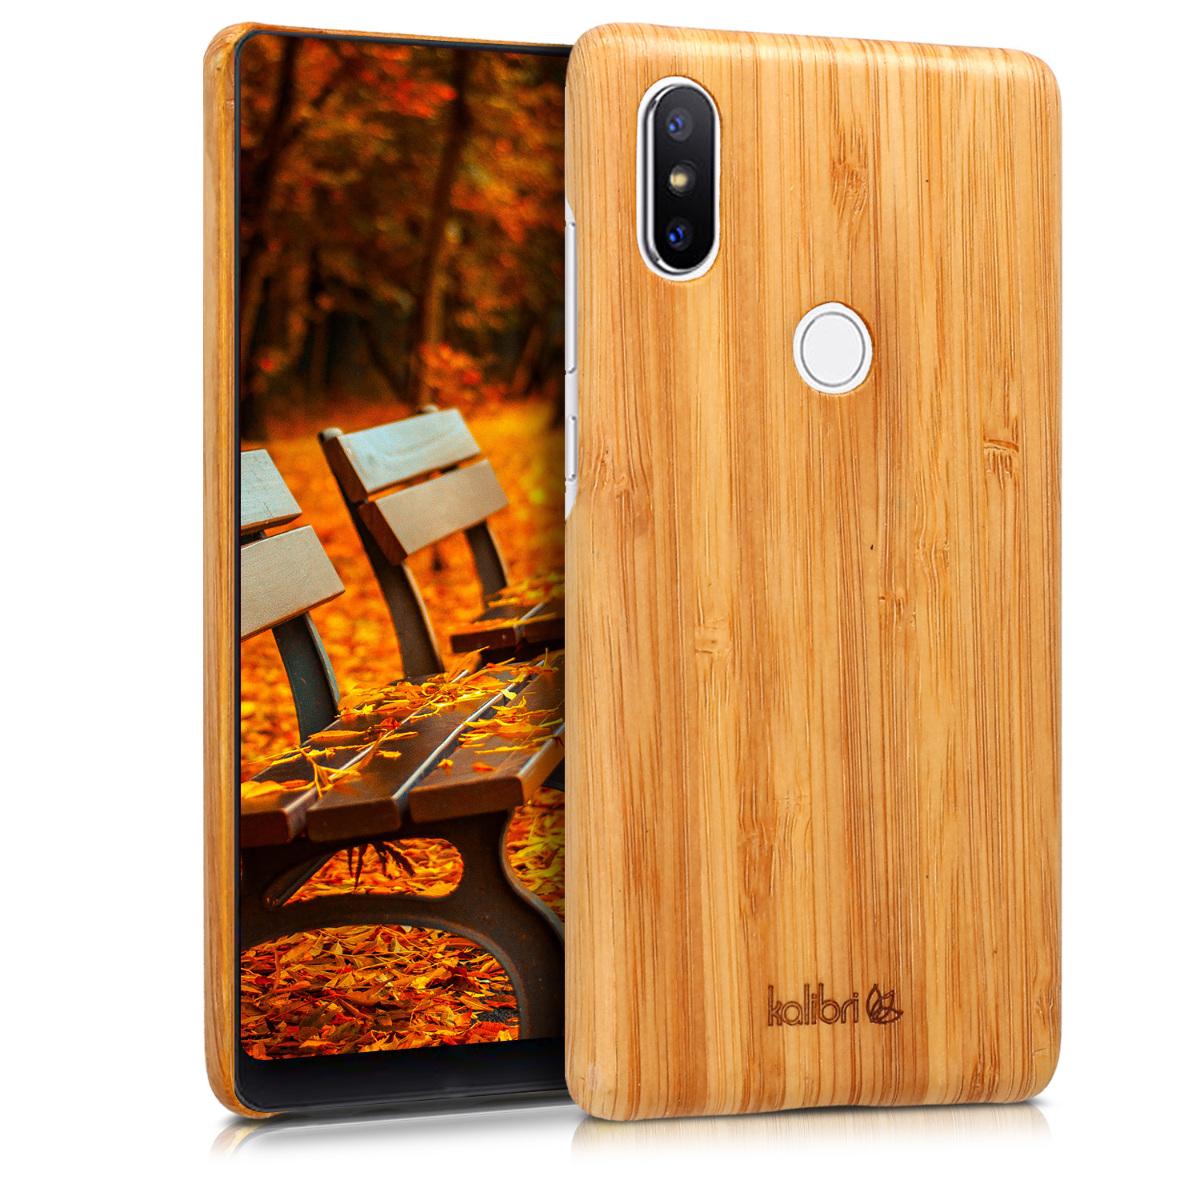 Kalibri Σκληρή Ξύλινη Θήκη Xiaomi Mi Mix 2S - Natural Wood (45511.24)